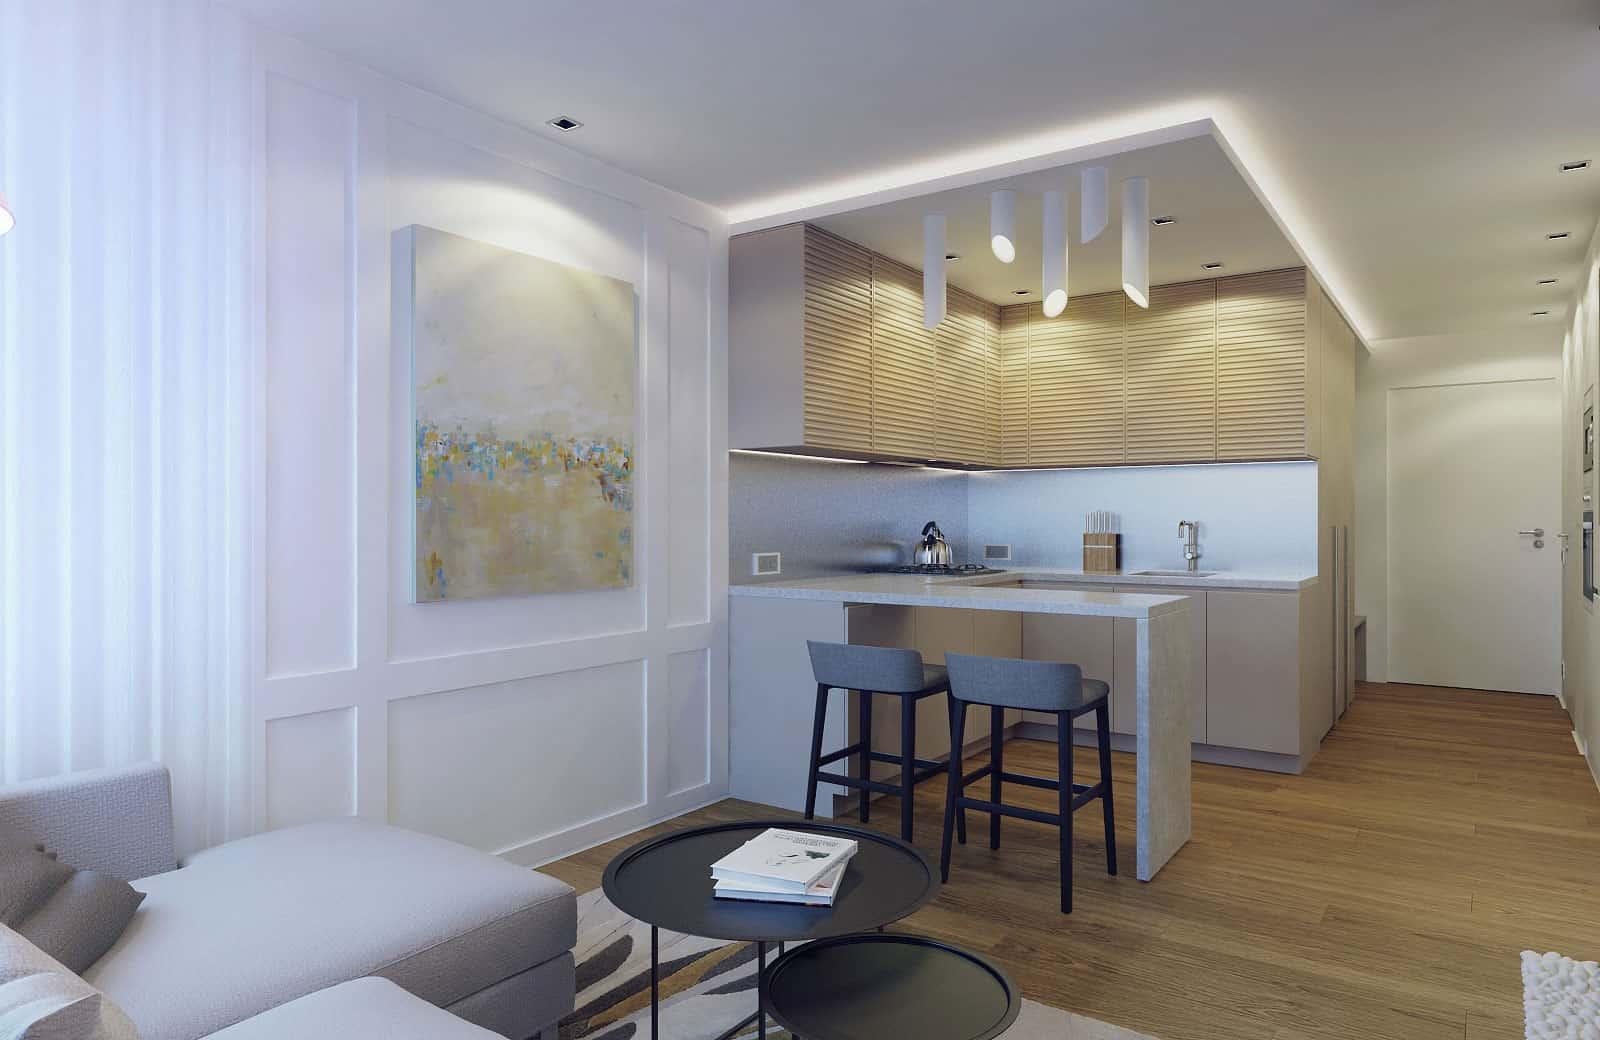 Eugene Meshcheruk Designs Cozy 500 Square Foot Apartment